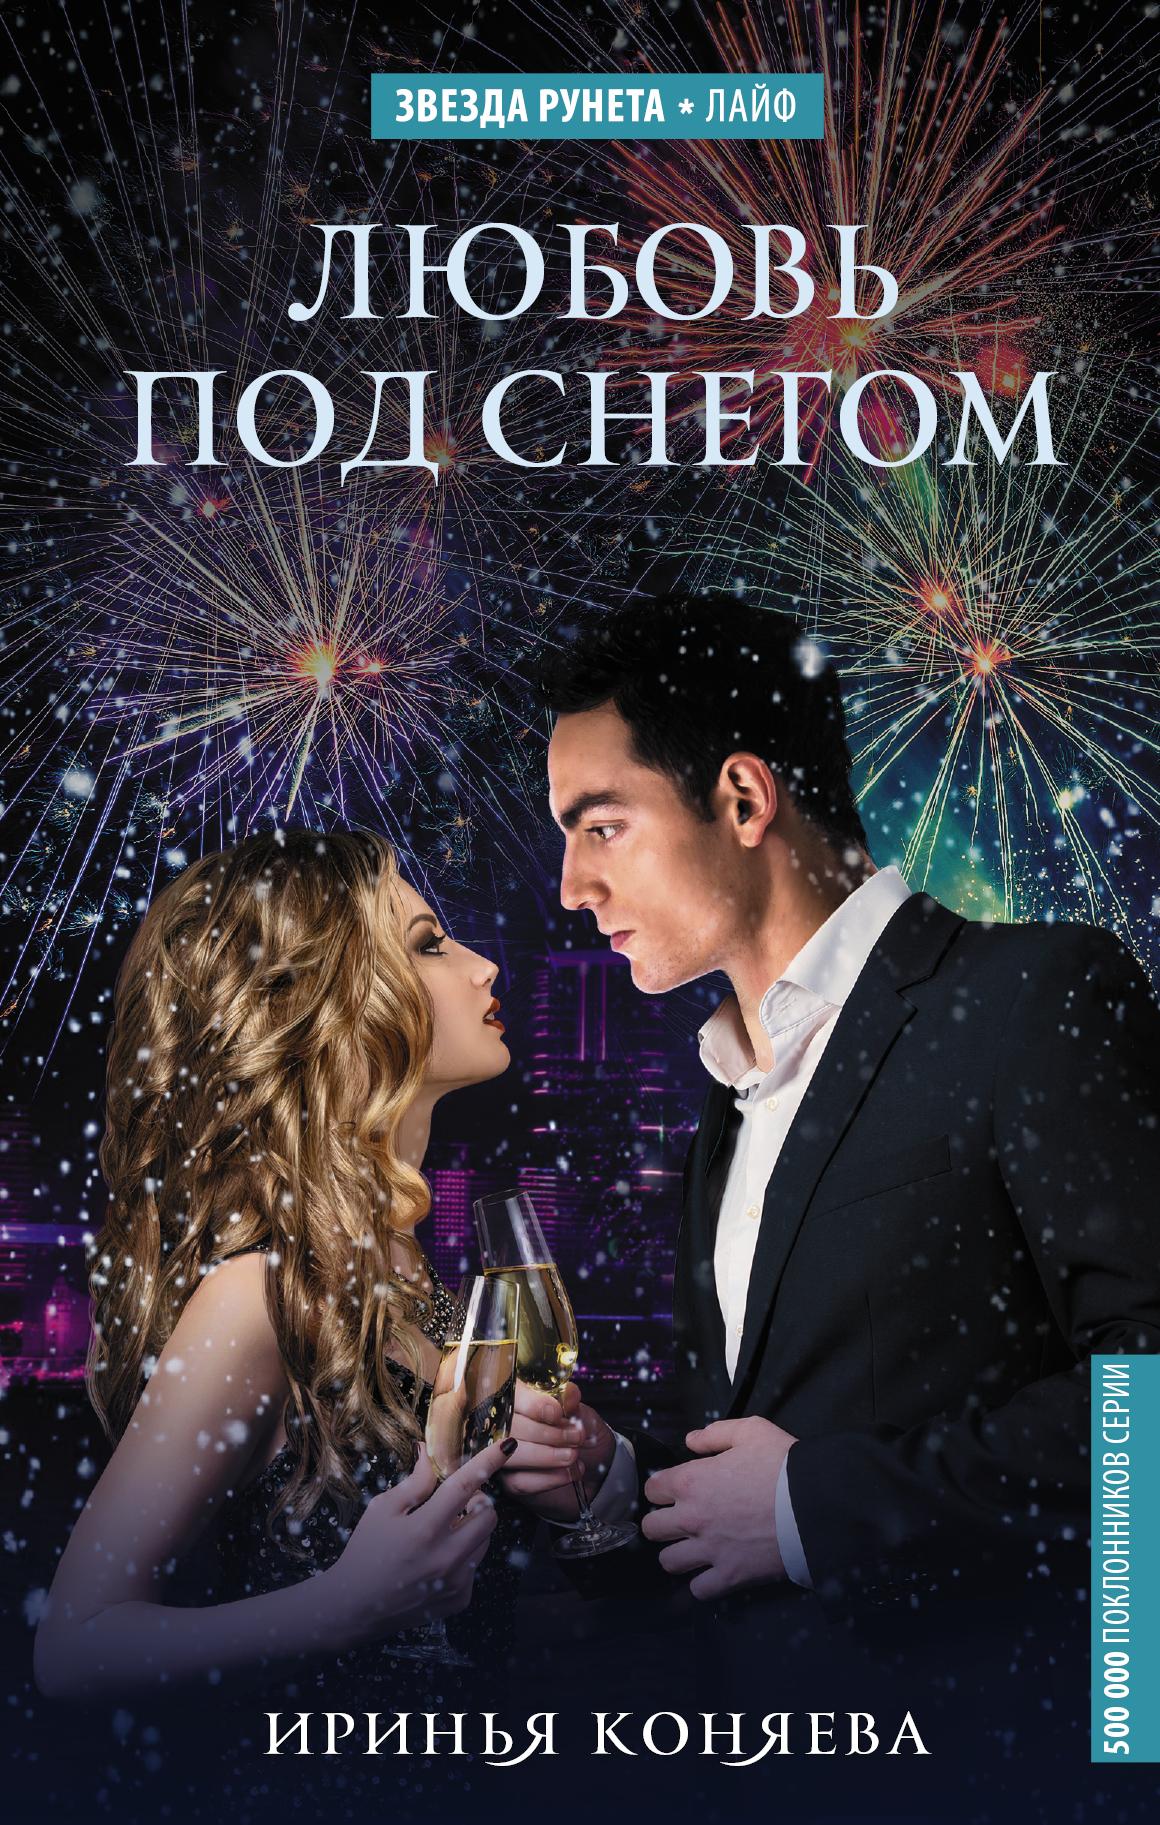 9785171025366 - Коняева Иринья: Любовь под снегом - Книга